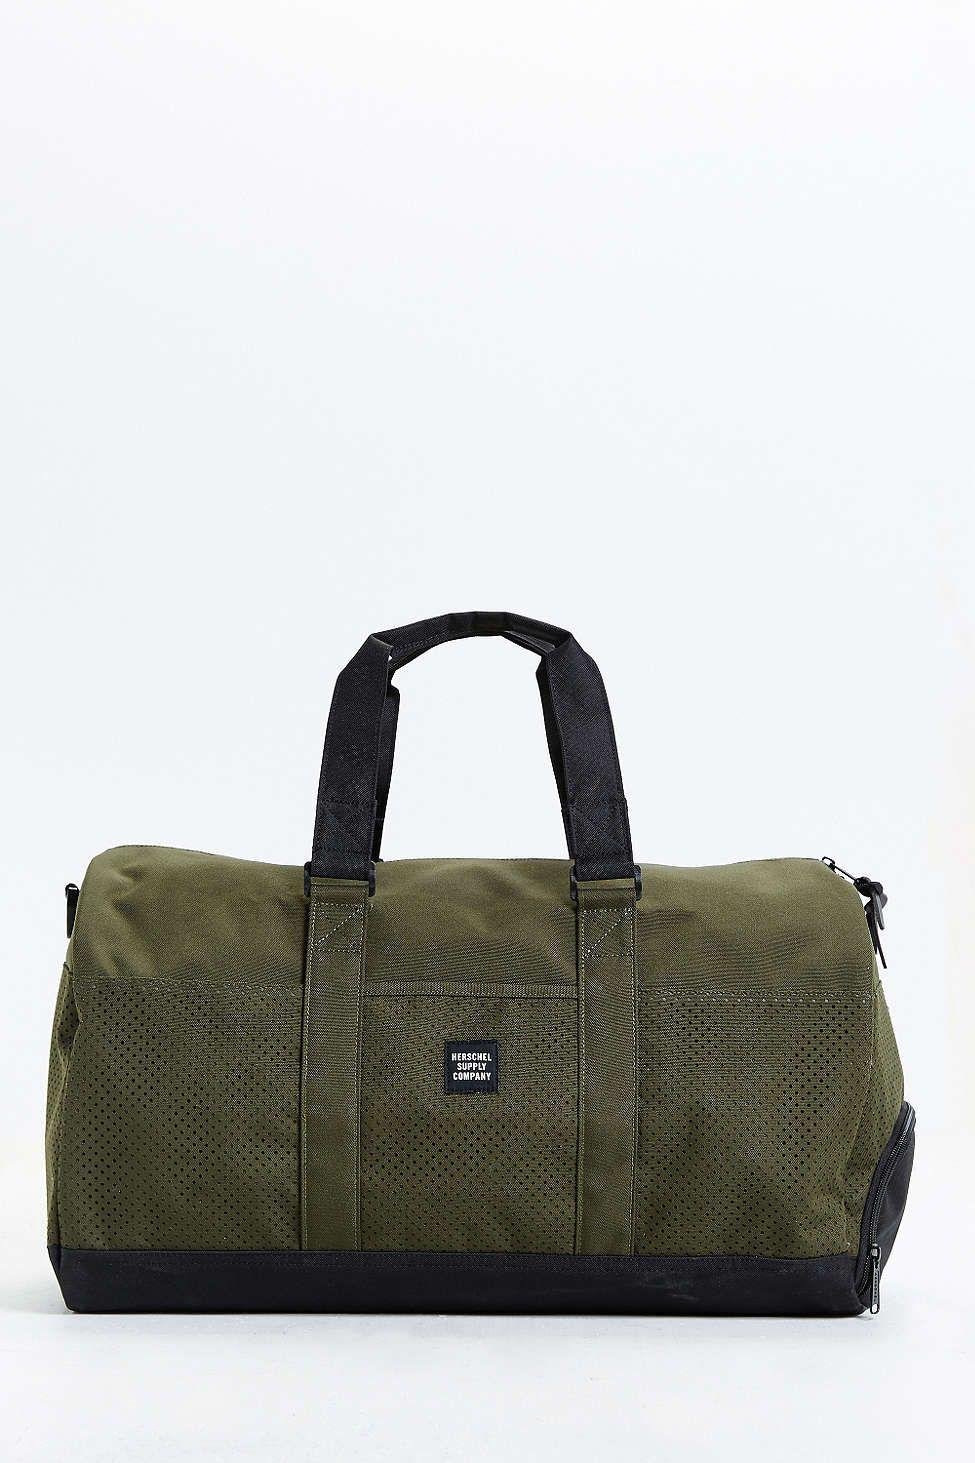 fdb7783e863c Herschel Supply Co. Aspect Novel Weekender Duffel Bag